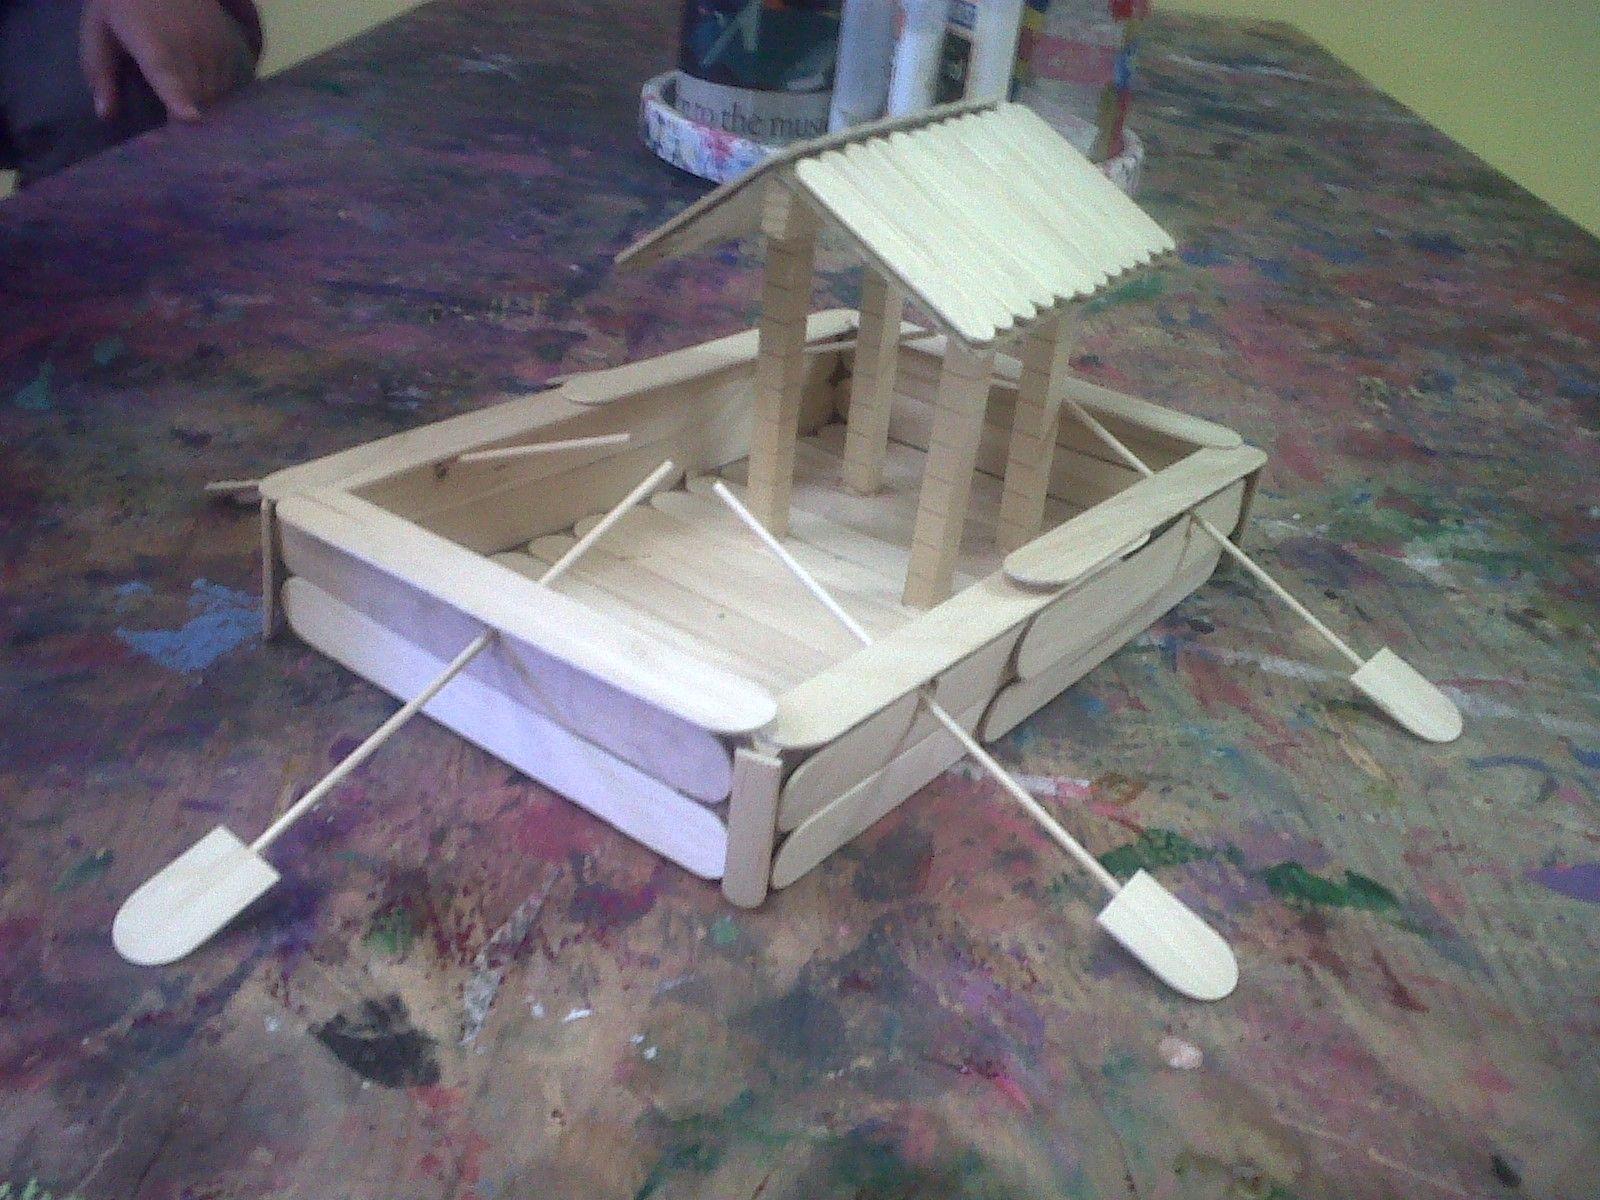 Long wooden craft sticks - Craft Sticks